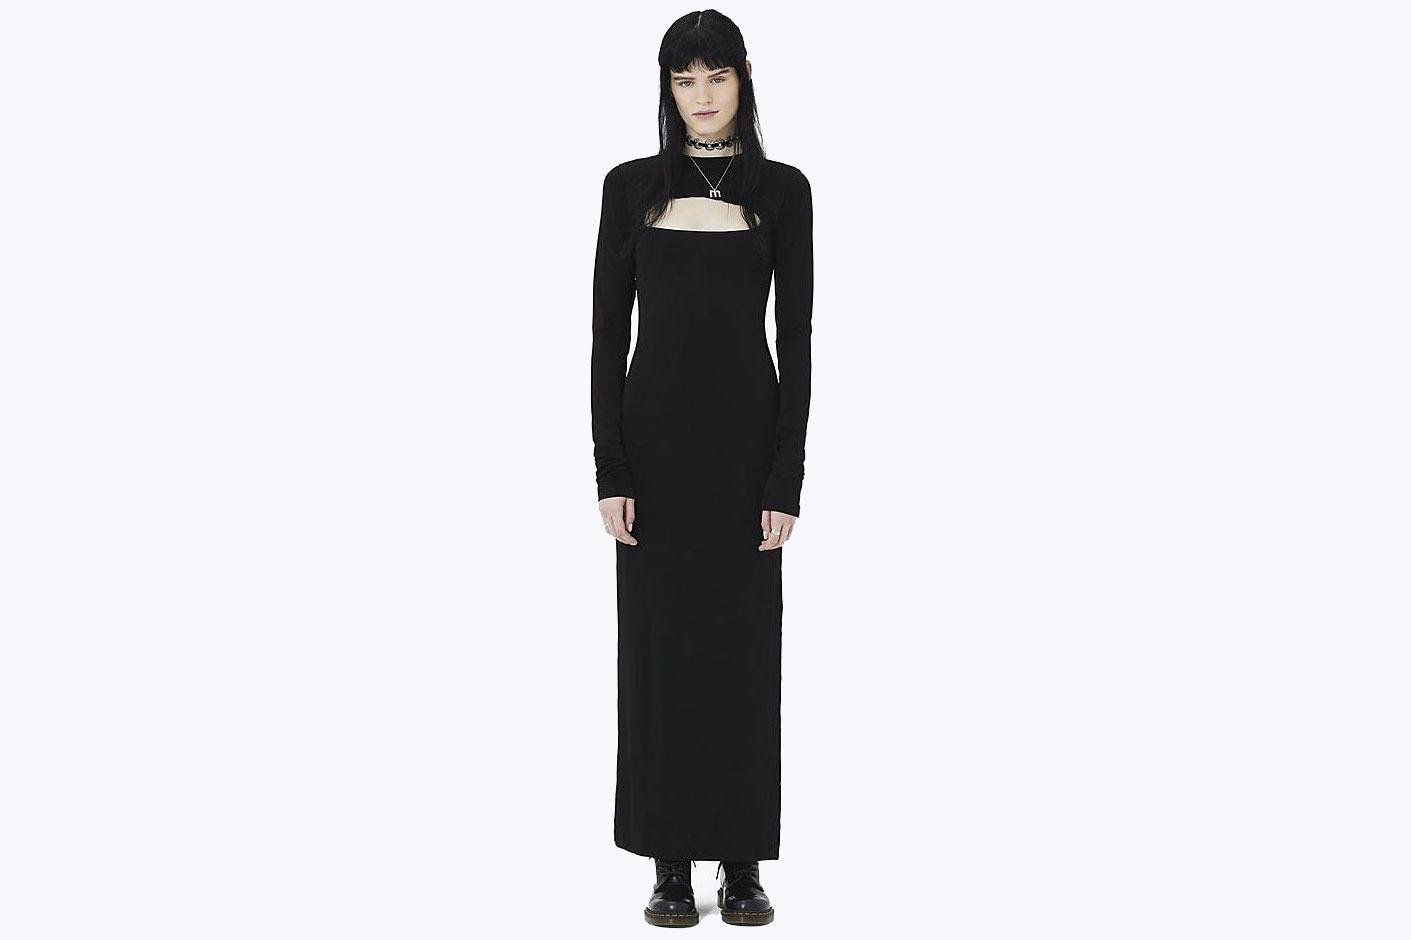 Yoke Cutout Knit Dress